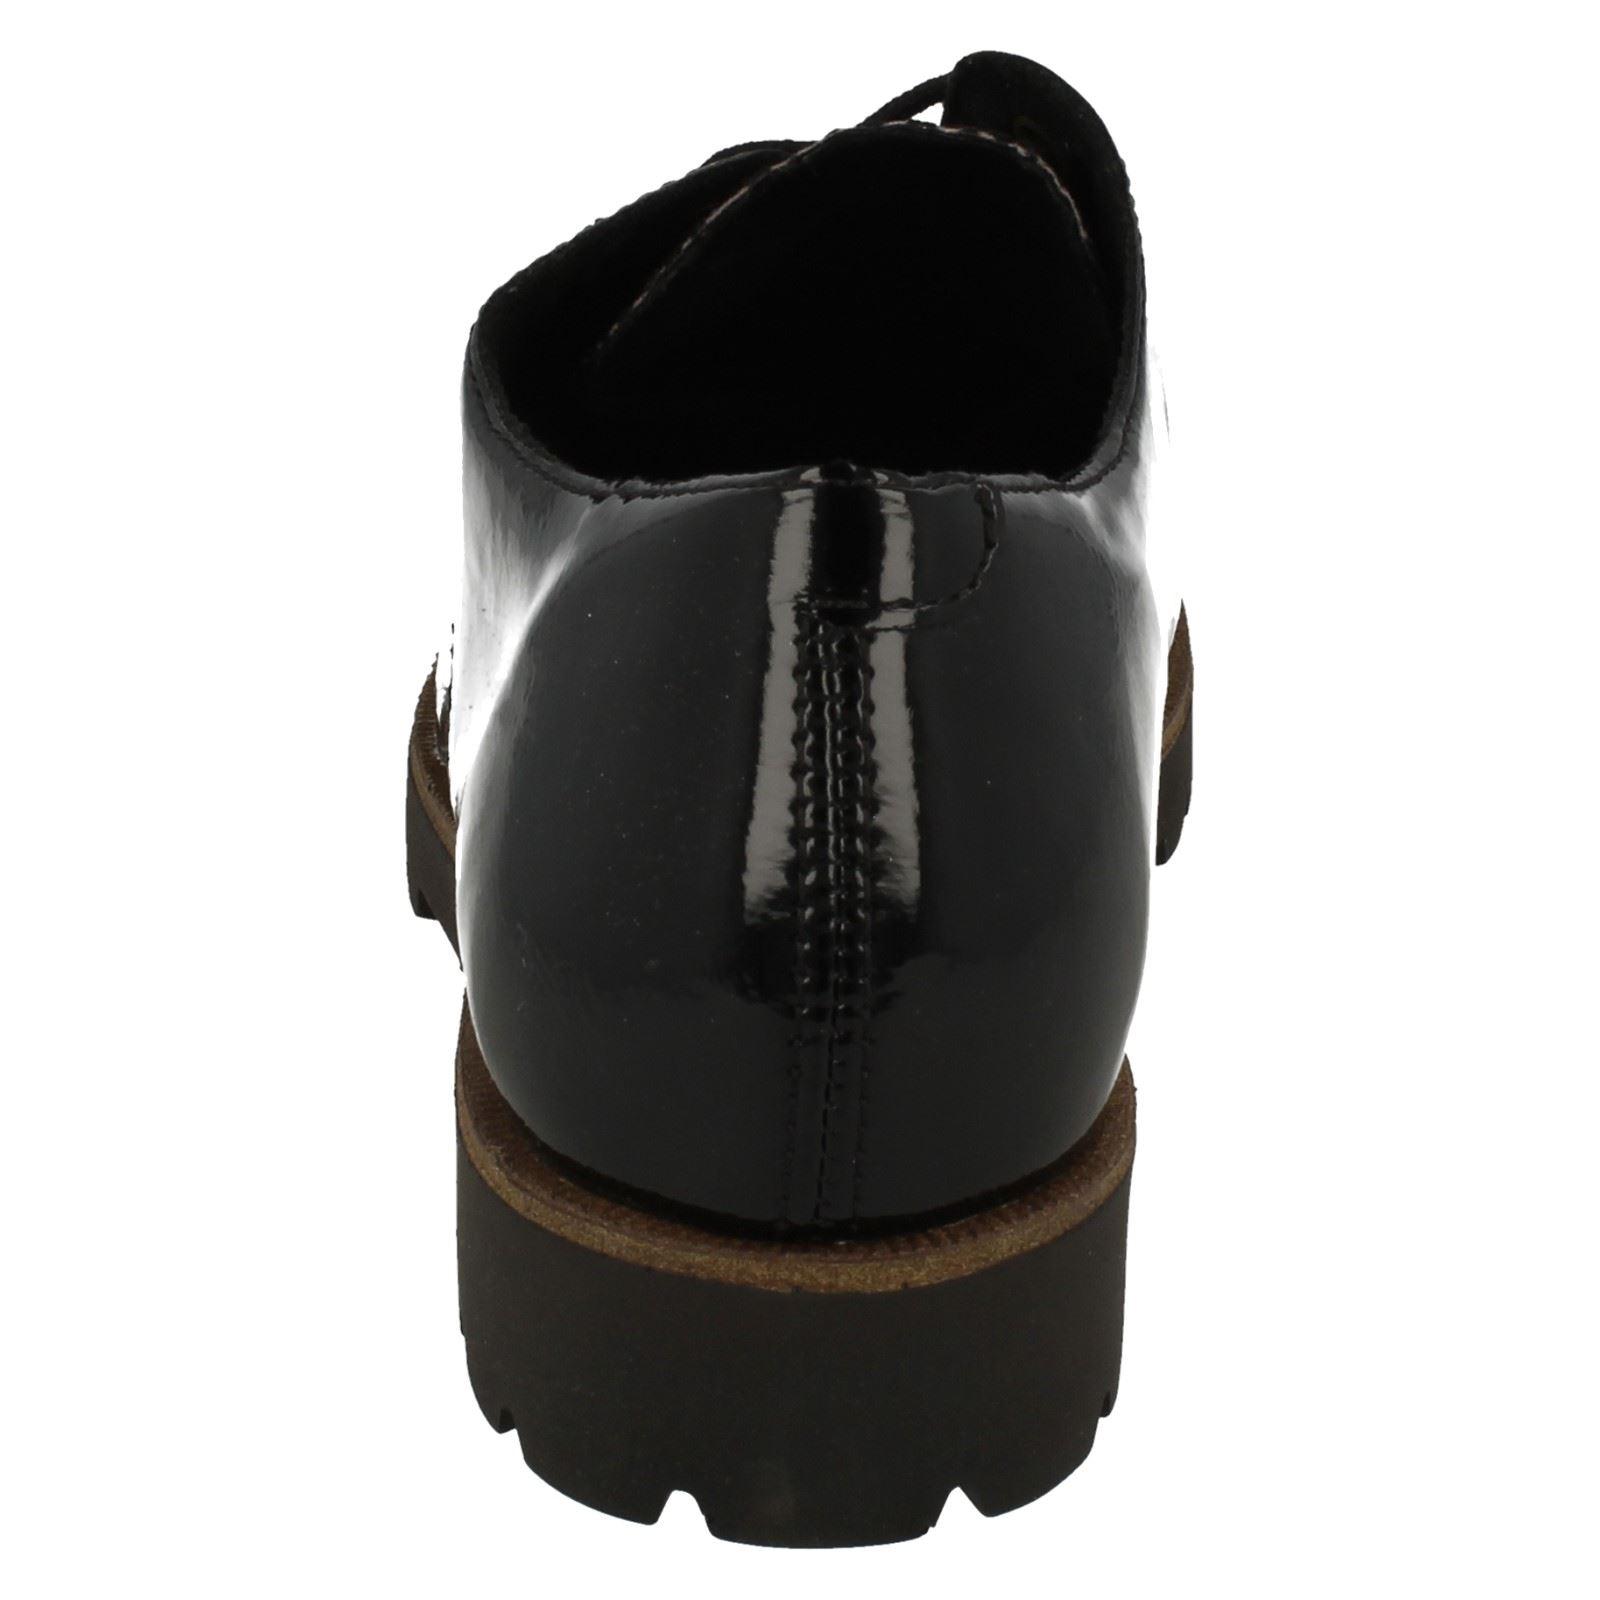 Damas REMONTE Inteligente Zapatos Con Cordones Zapatos Inteligente D0103 a69725